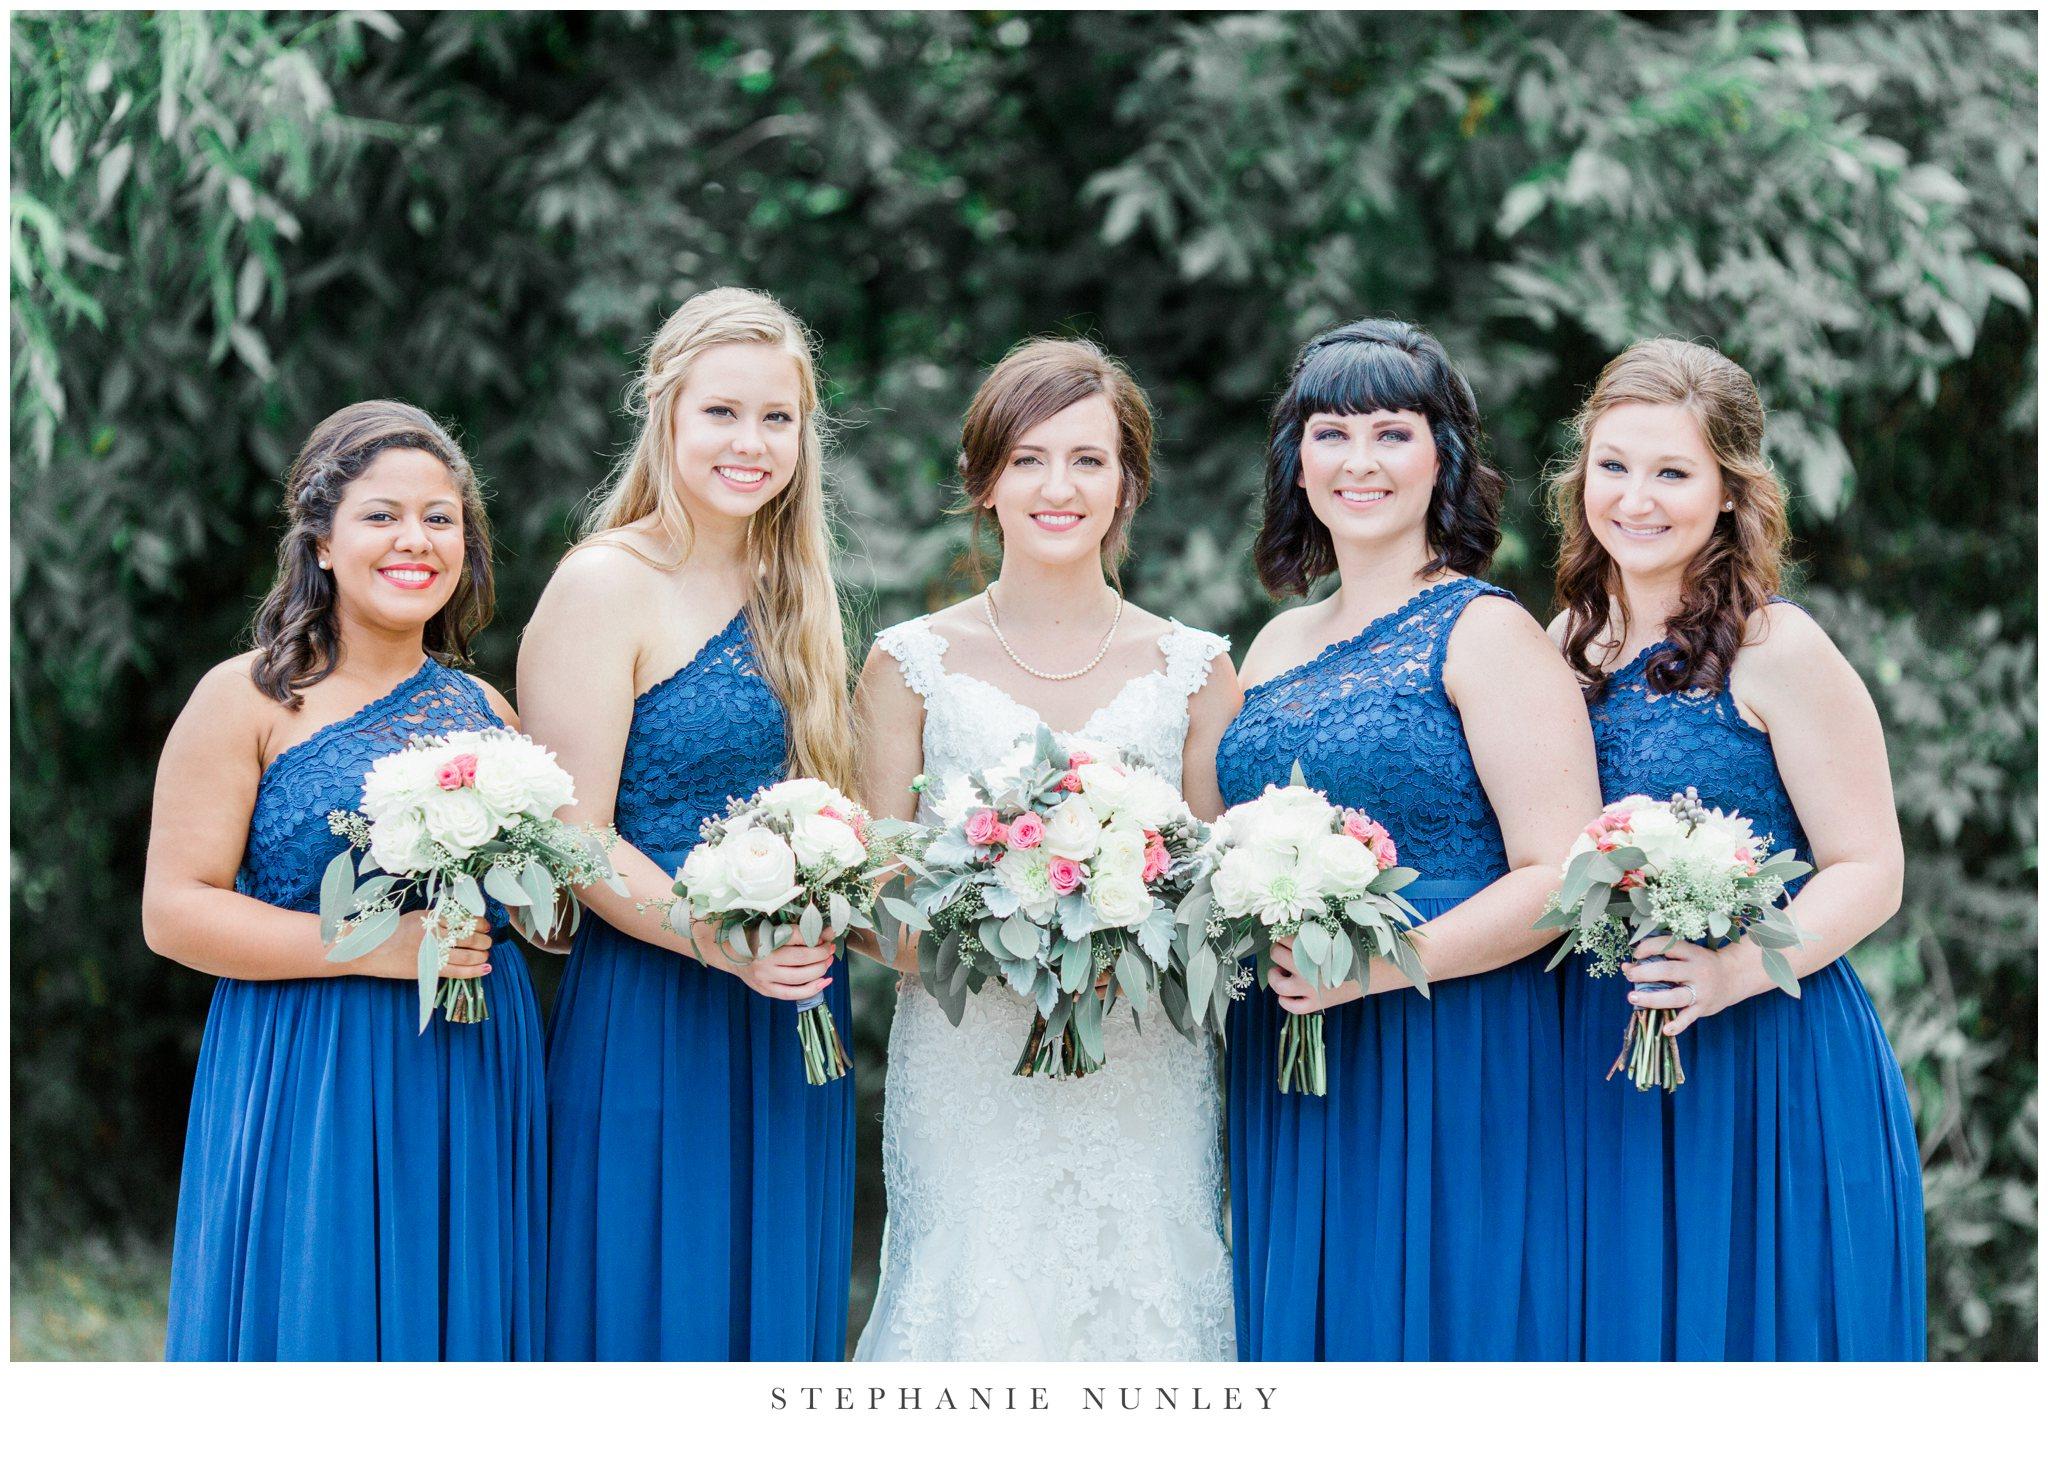 arkansas-outdoor-film-inspired-wedding-0048.jpg